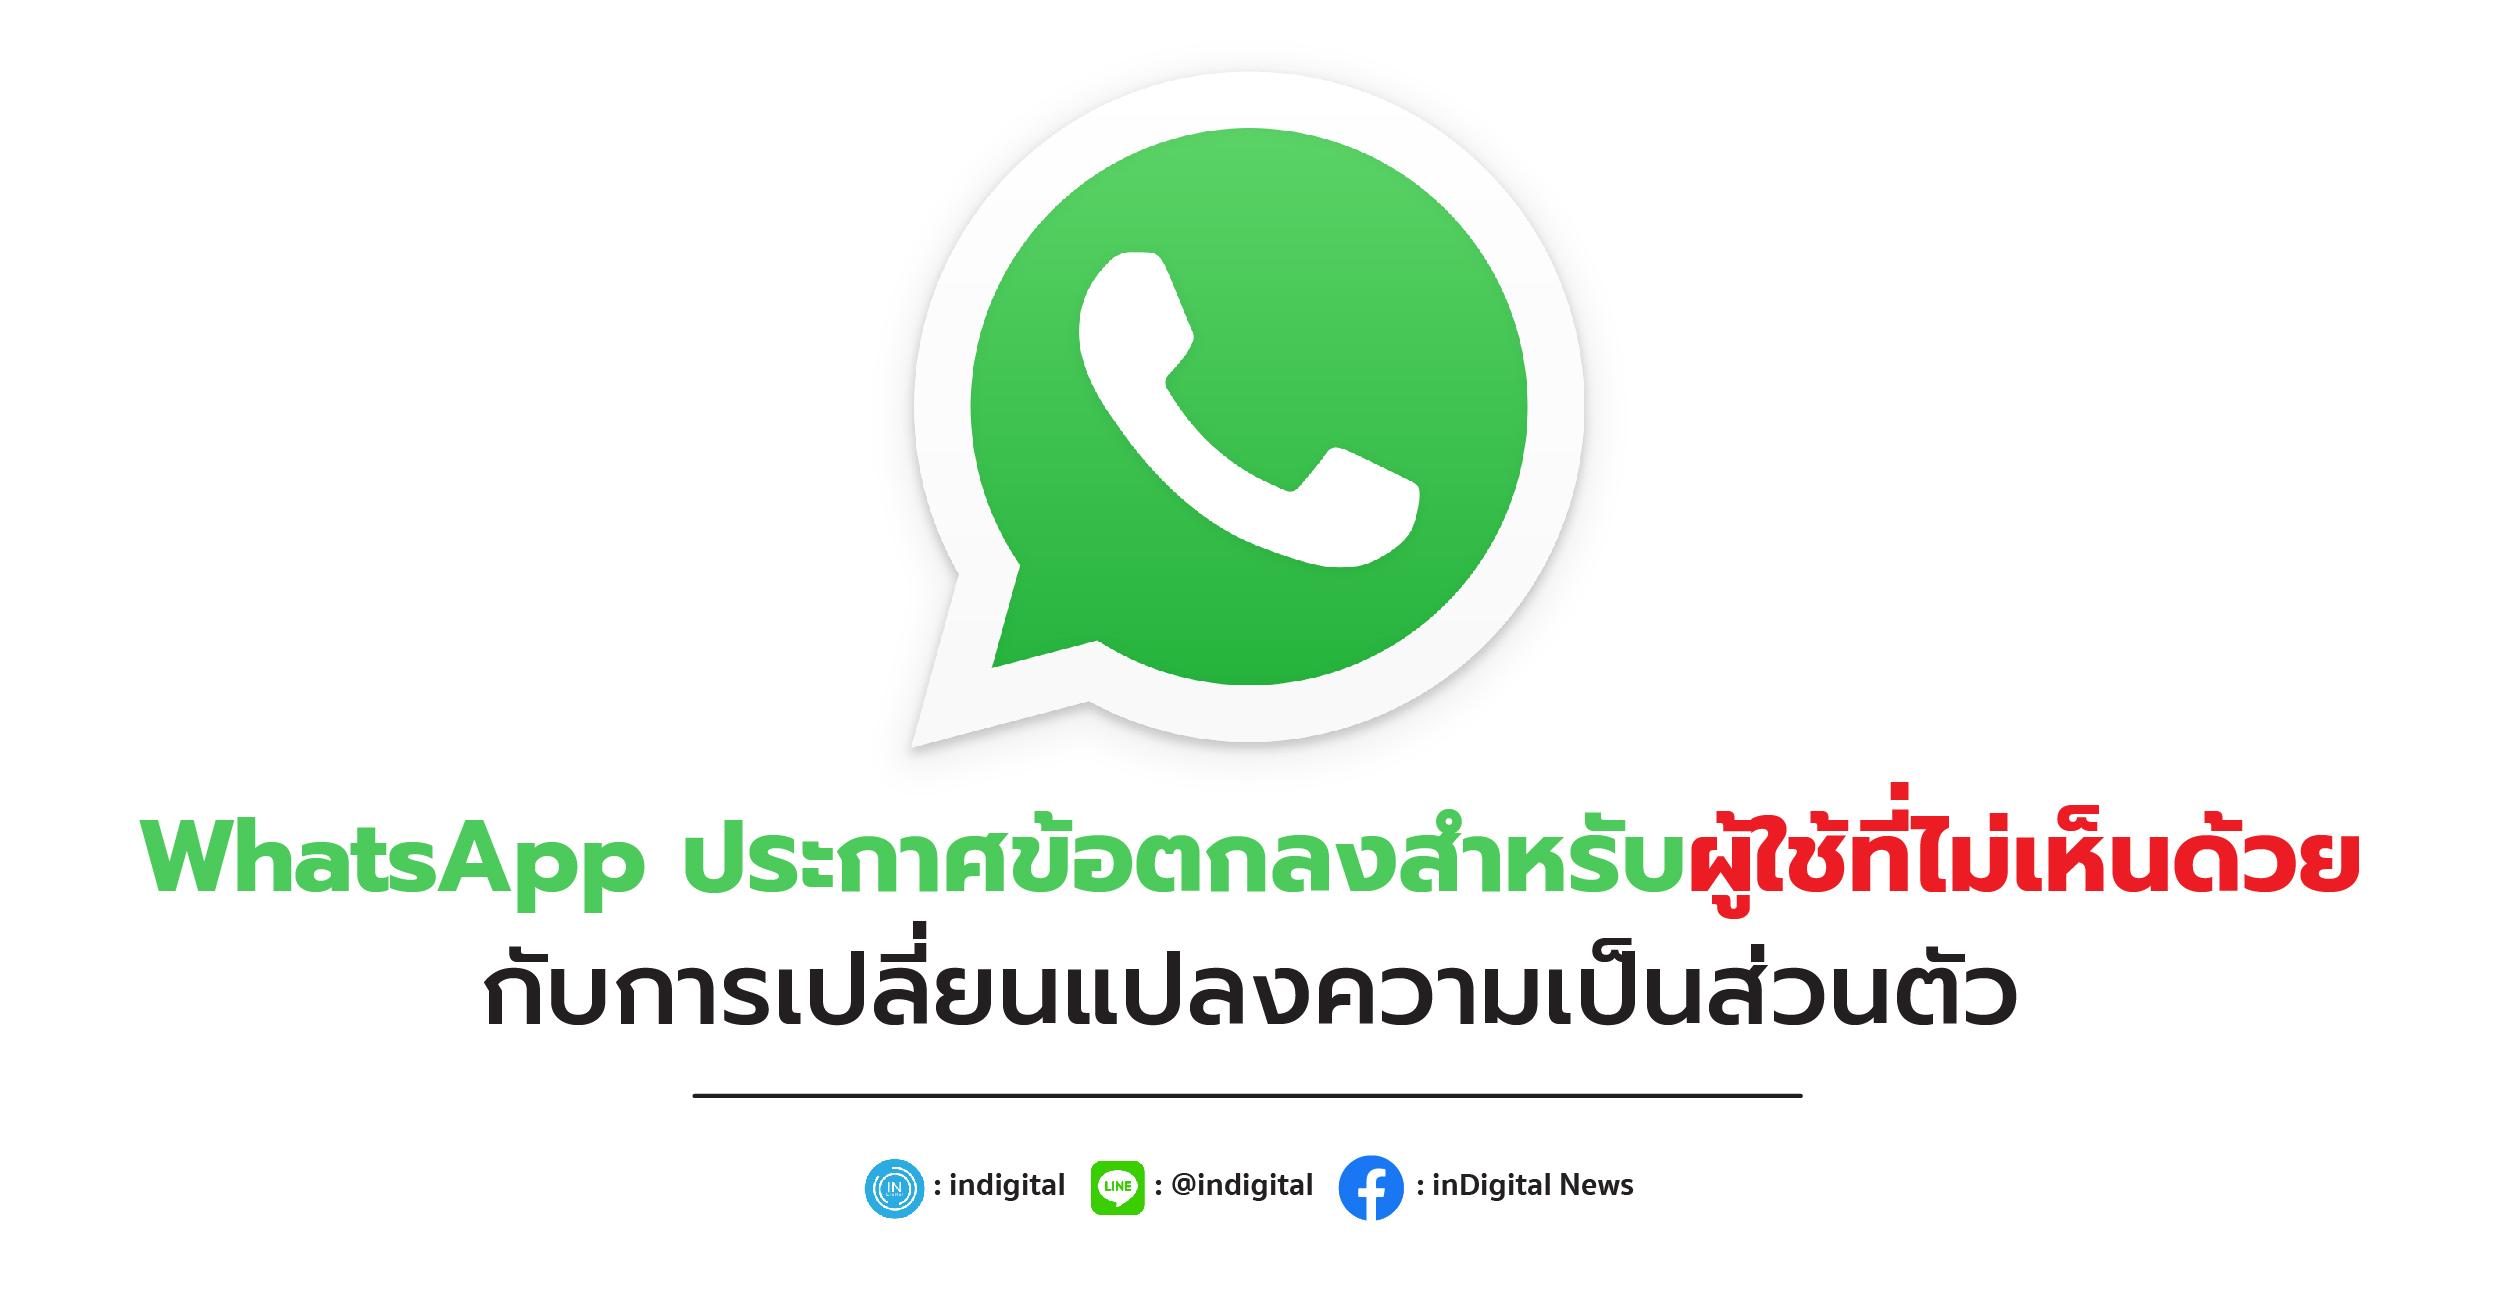 WhatsApp ประกาศข้อตกลงสำหรับผู้ใช้ที่ไม่เห็นด้วยกับการเปลี่ยนแปลงความเป็นส่วนตัว